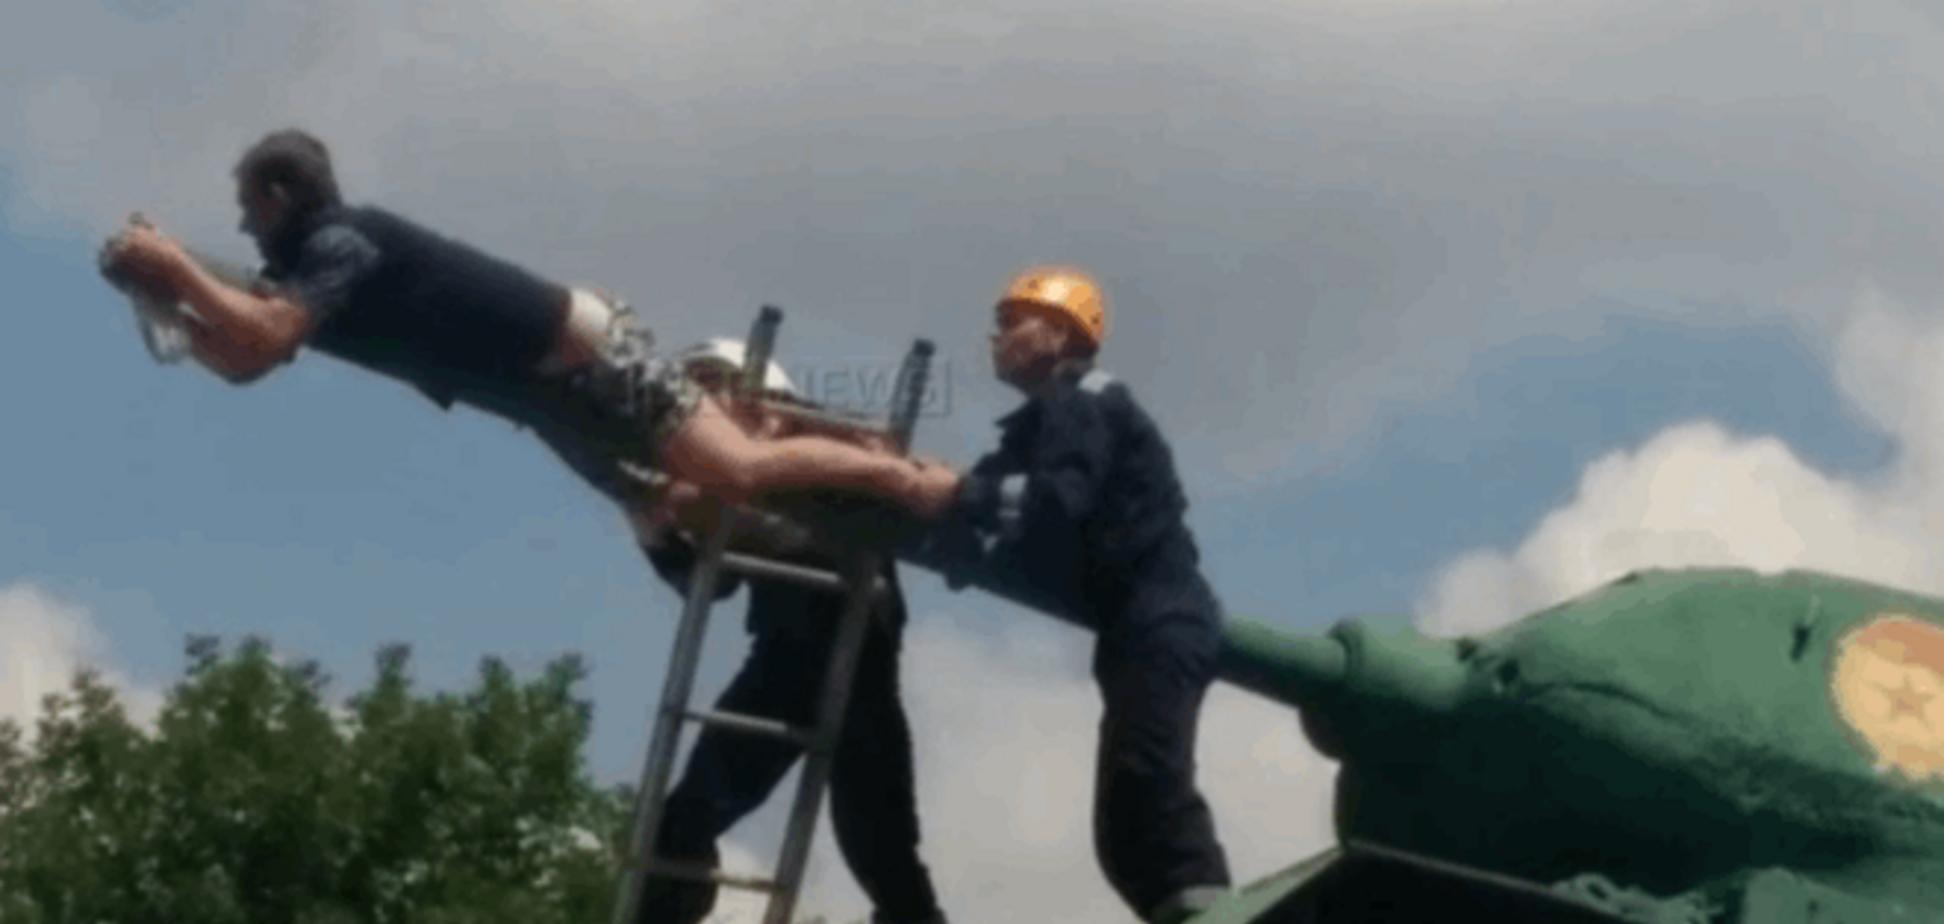 'Дедывоевали'. Россиянин пытался повеситься на дуле советского танка Т-34: видеофакт